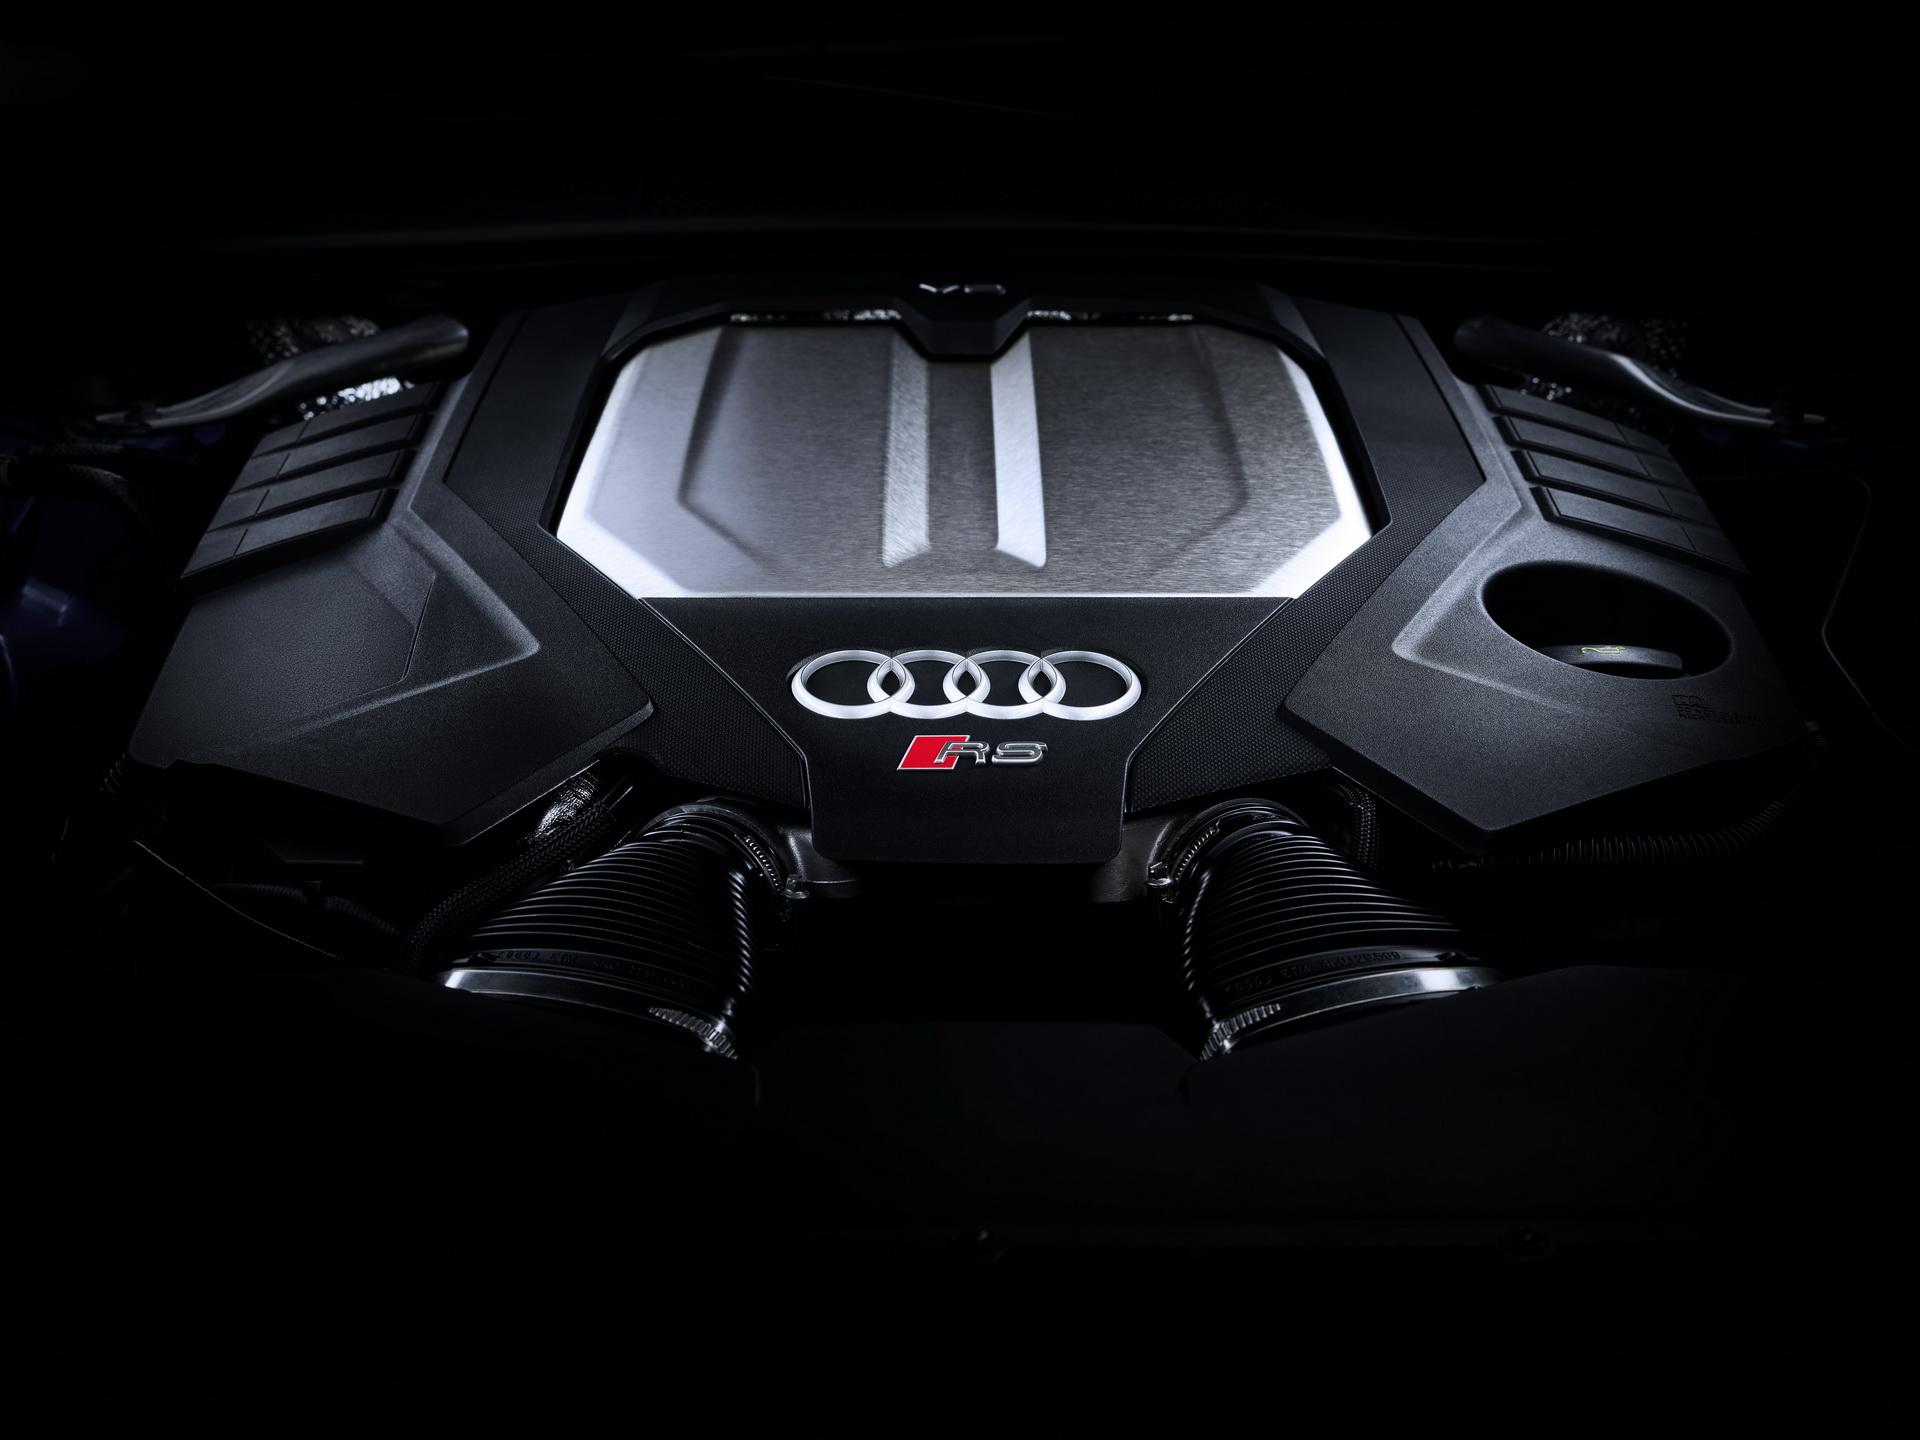 أودي RS6 Avant